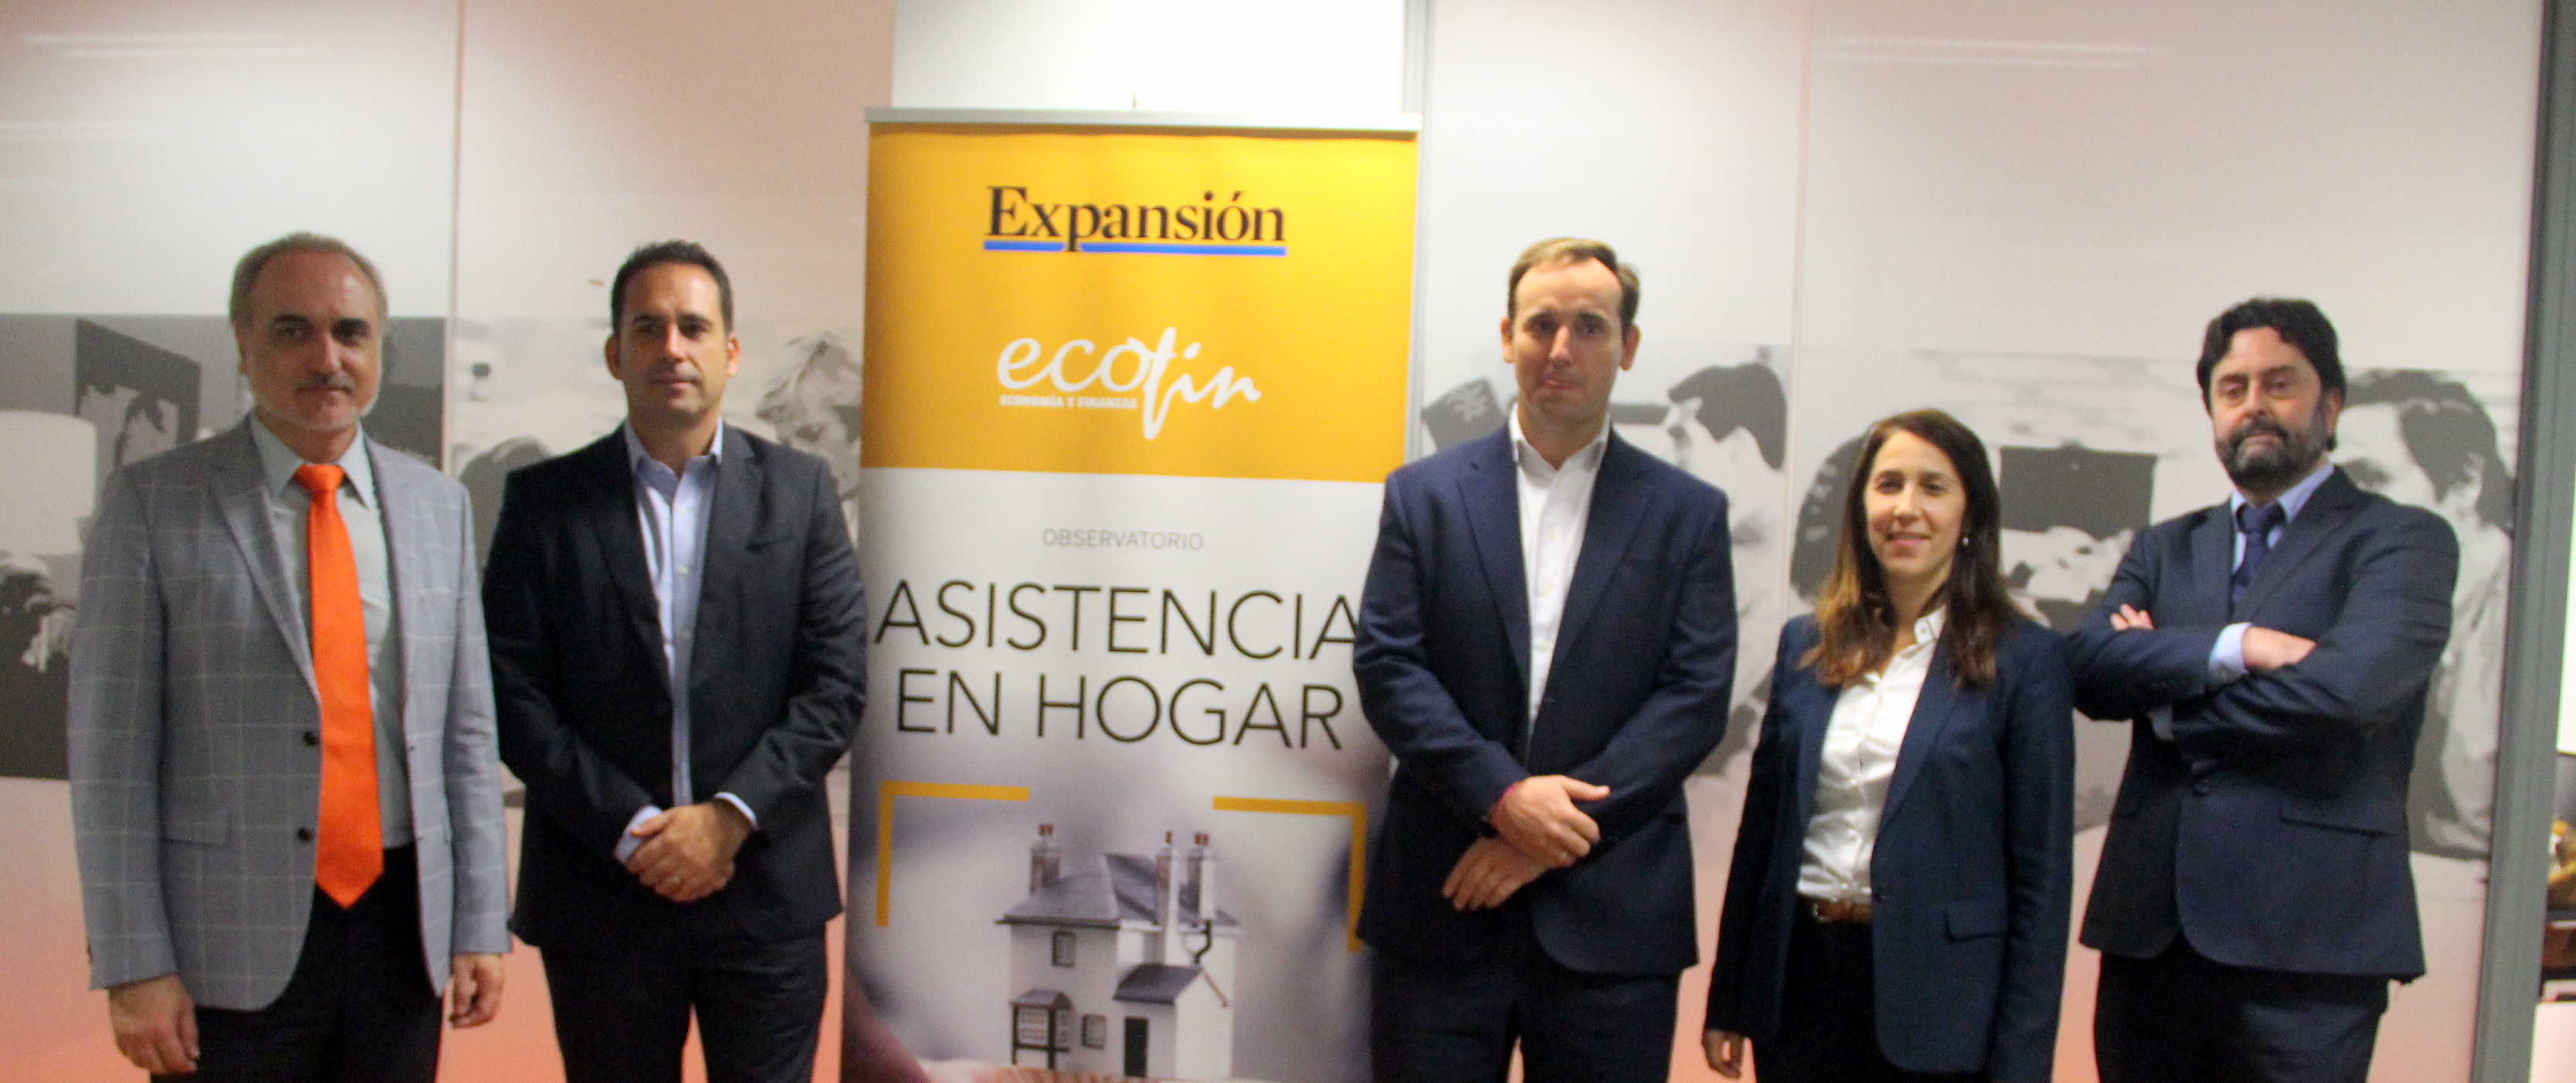 Salvador Molina, presidente de Foro ECOFIN; Borja Díaz, director General de Multiasistencia; Luis Vial, director de Negocio de HomeServe Asistencia; Maite Trujillo, directora Comercial y Marketing, de AXA Assistance; y Rafa Sierra, director de ADN del Seguro (de derecha a izquierda).